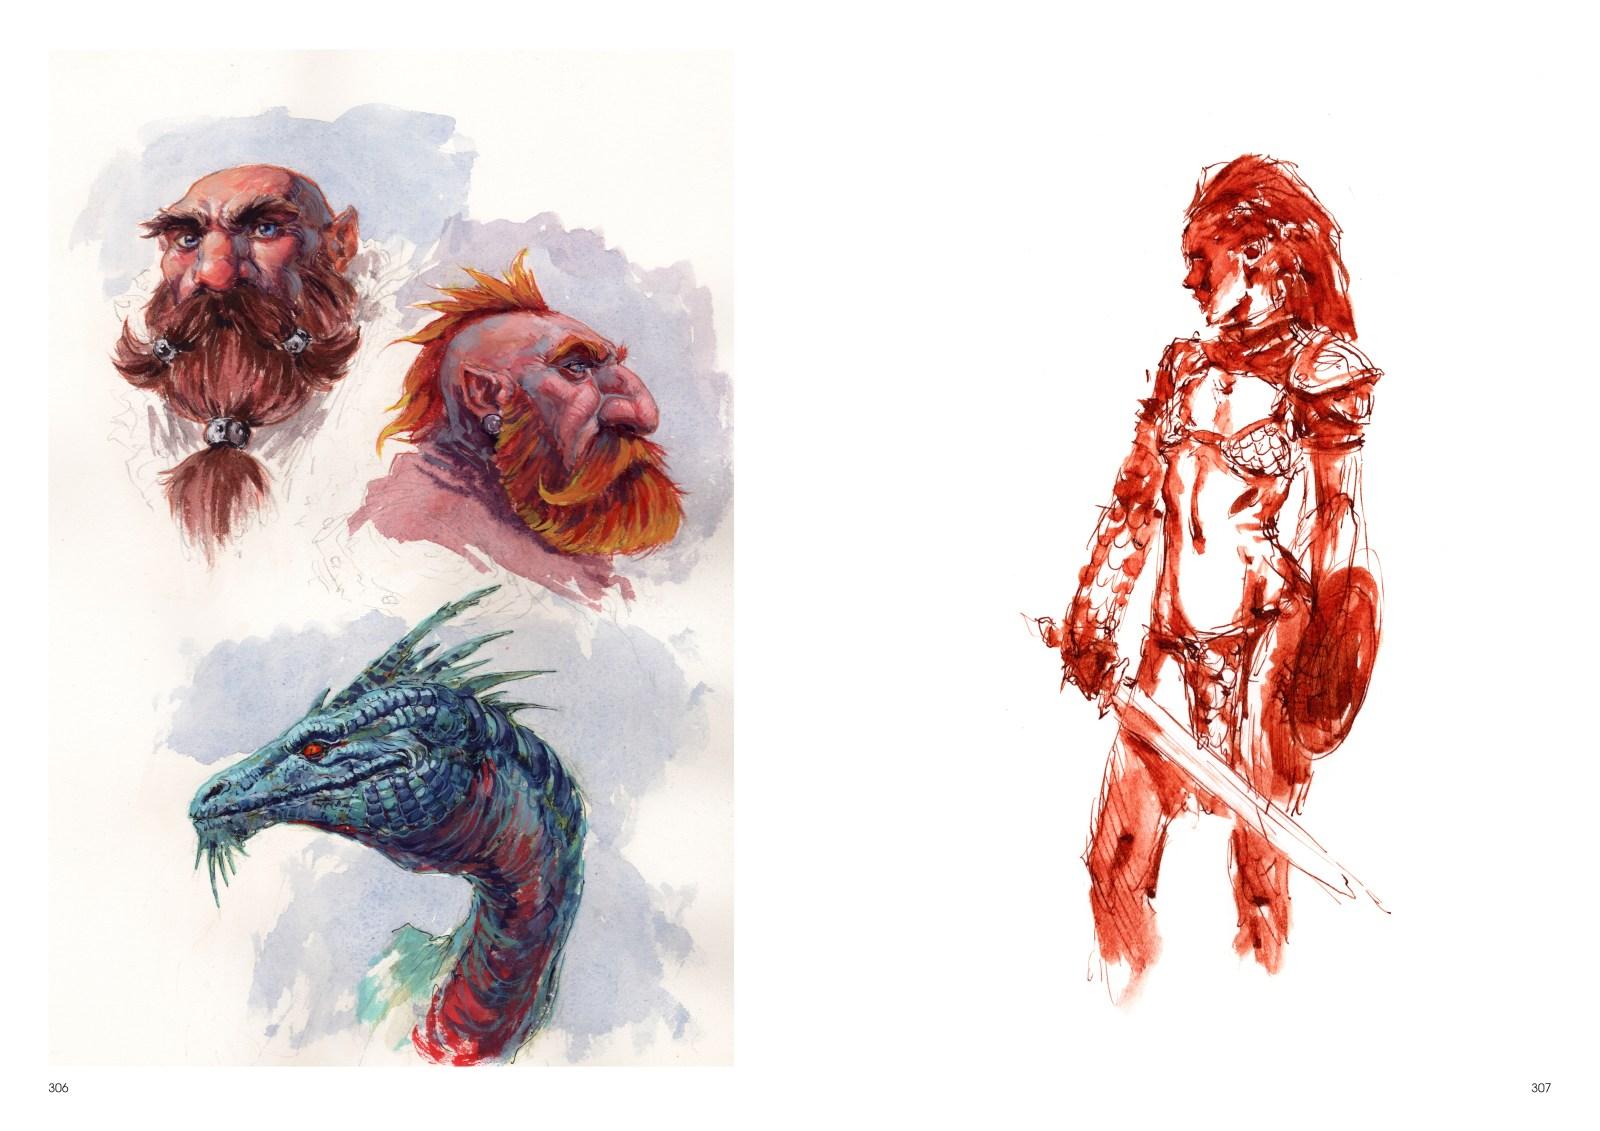 Image de l'artbook Daya de Daniel Landerman. Nains, dragon et guerrière.